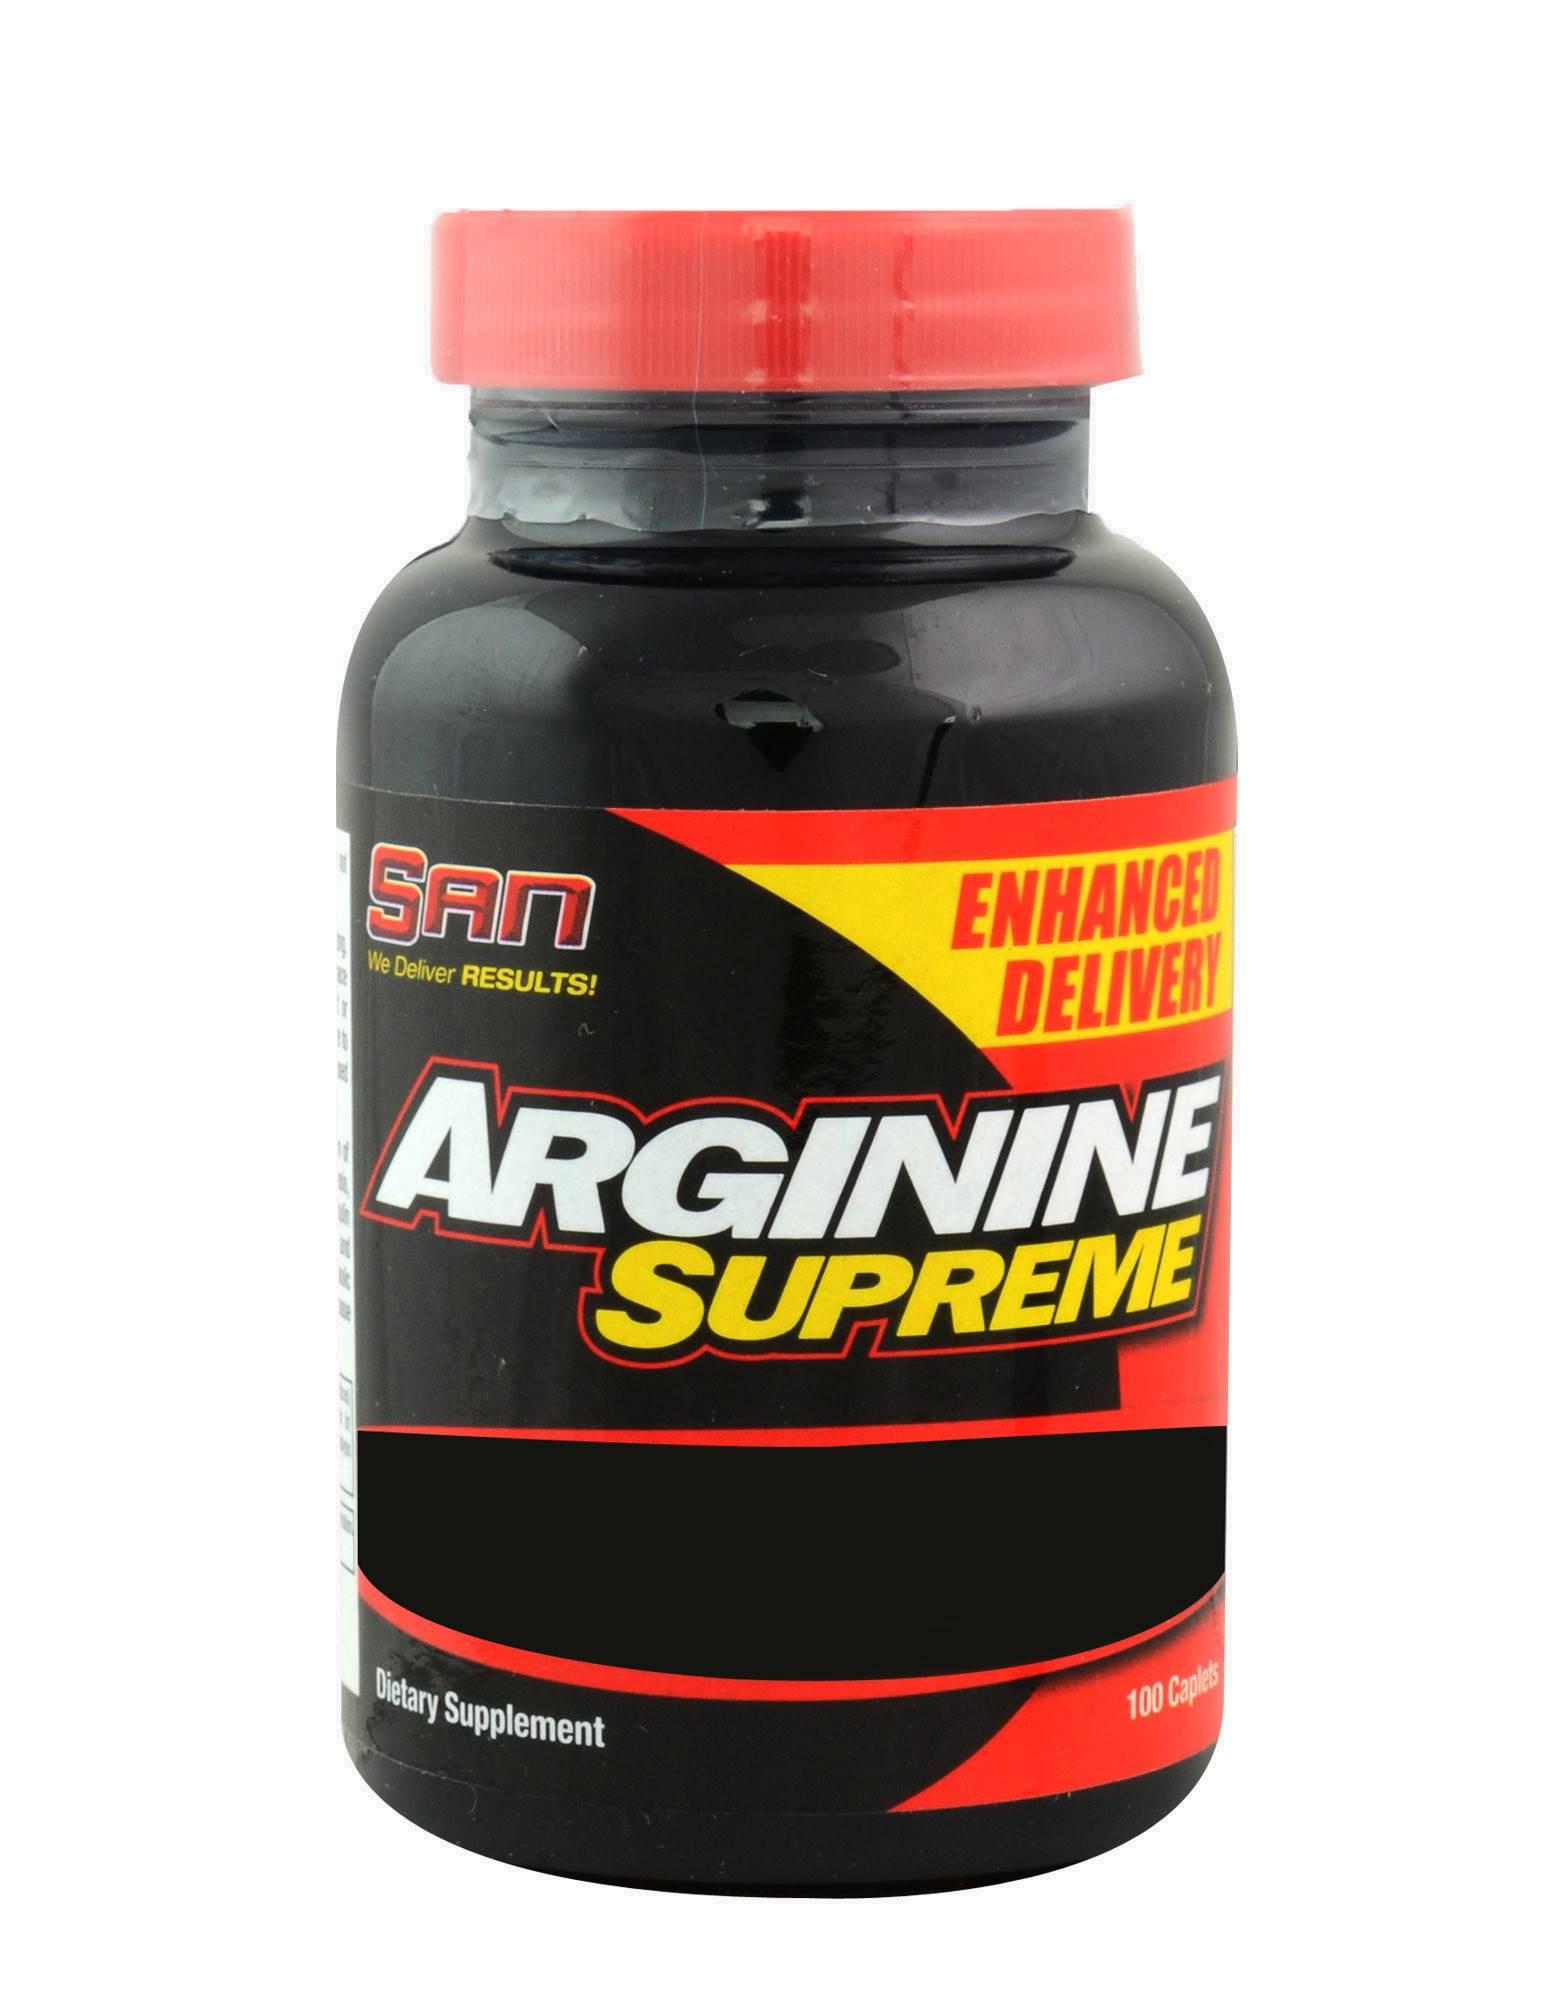 Arginine supreme от san: как принимать, отзывы